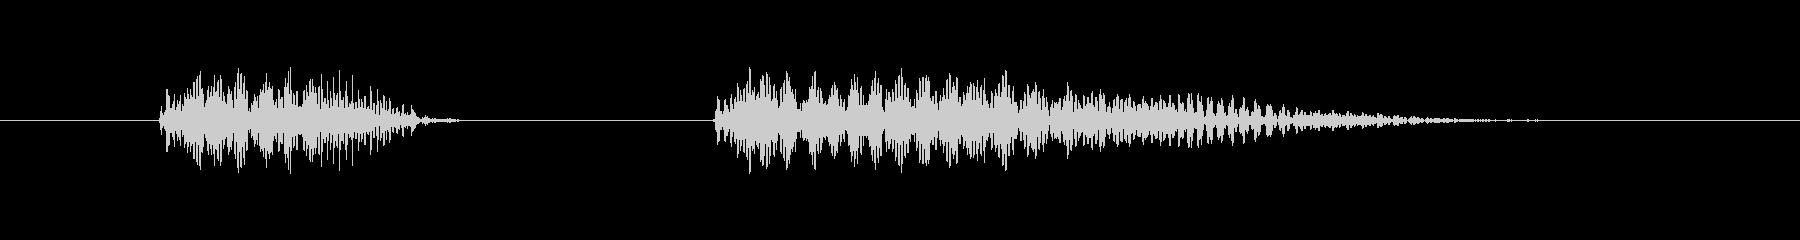 鳴き声 Harrumph Male 01の未再生の波形